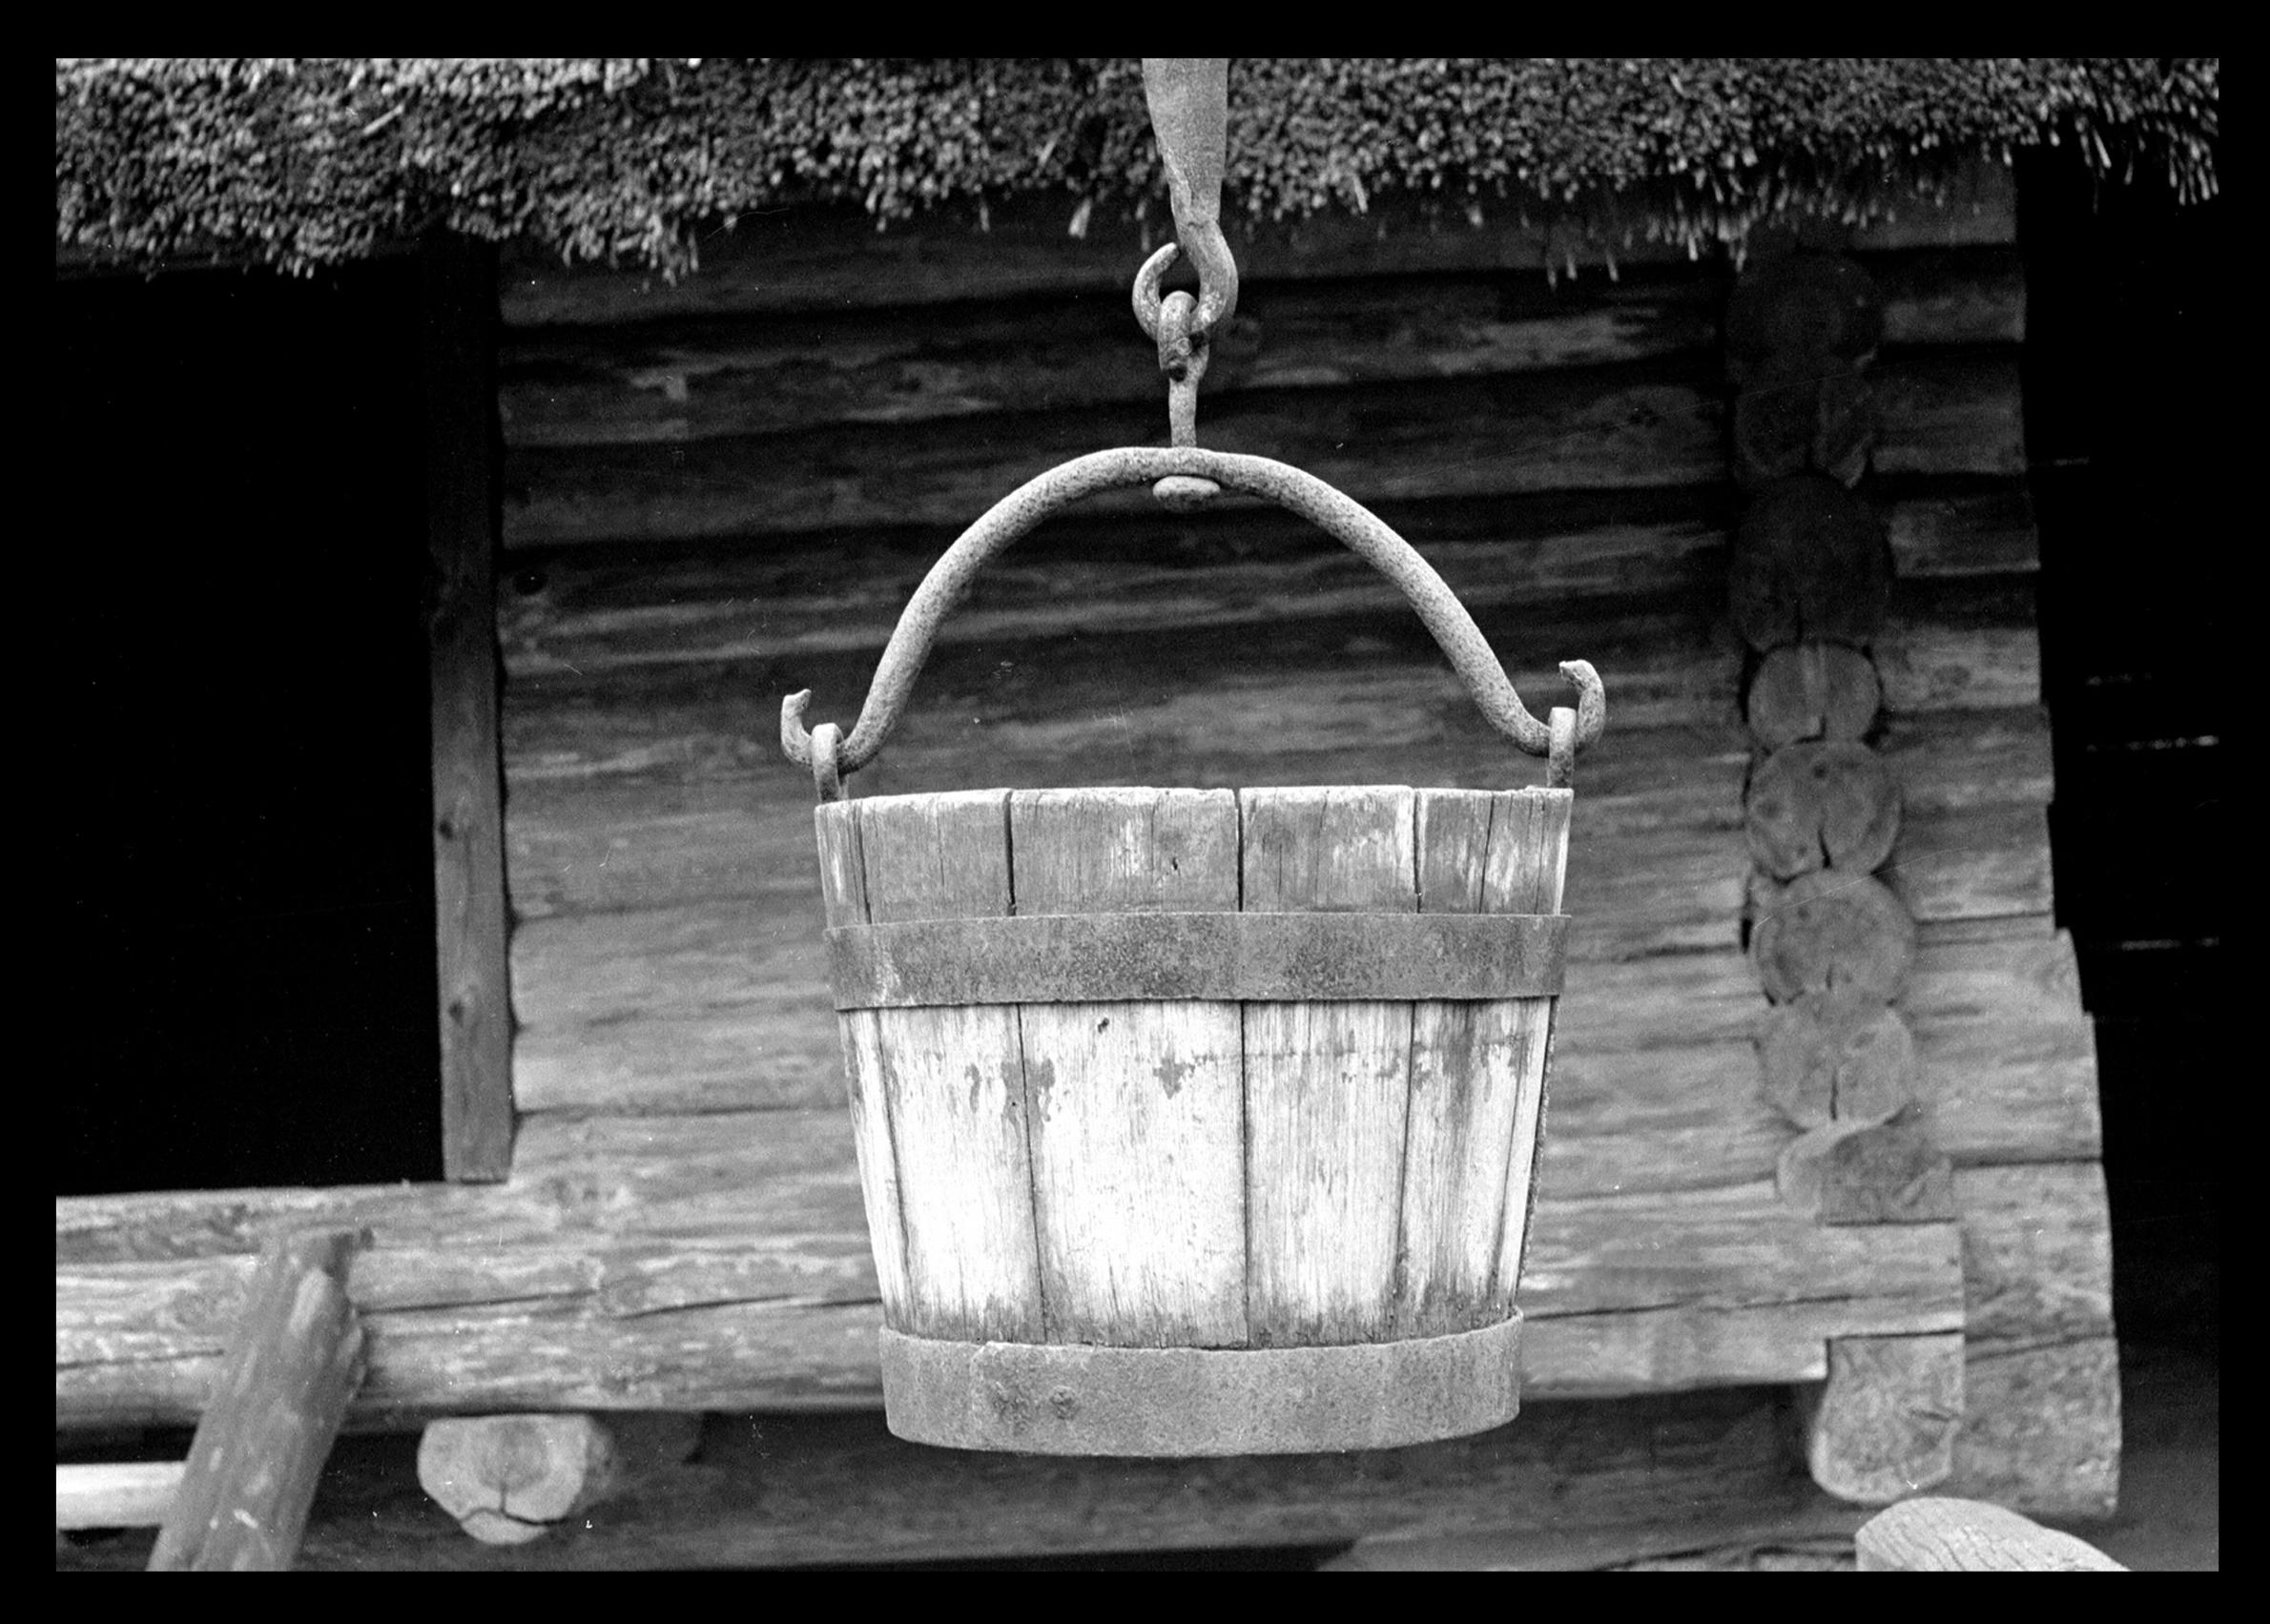 Рига. Ковш для воды в музее под открытым небом.jpg